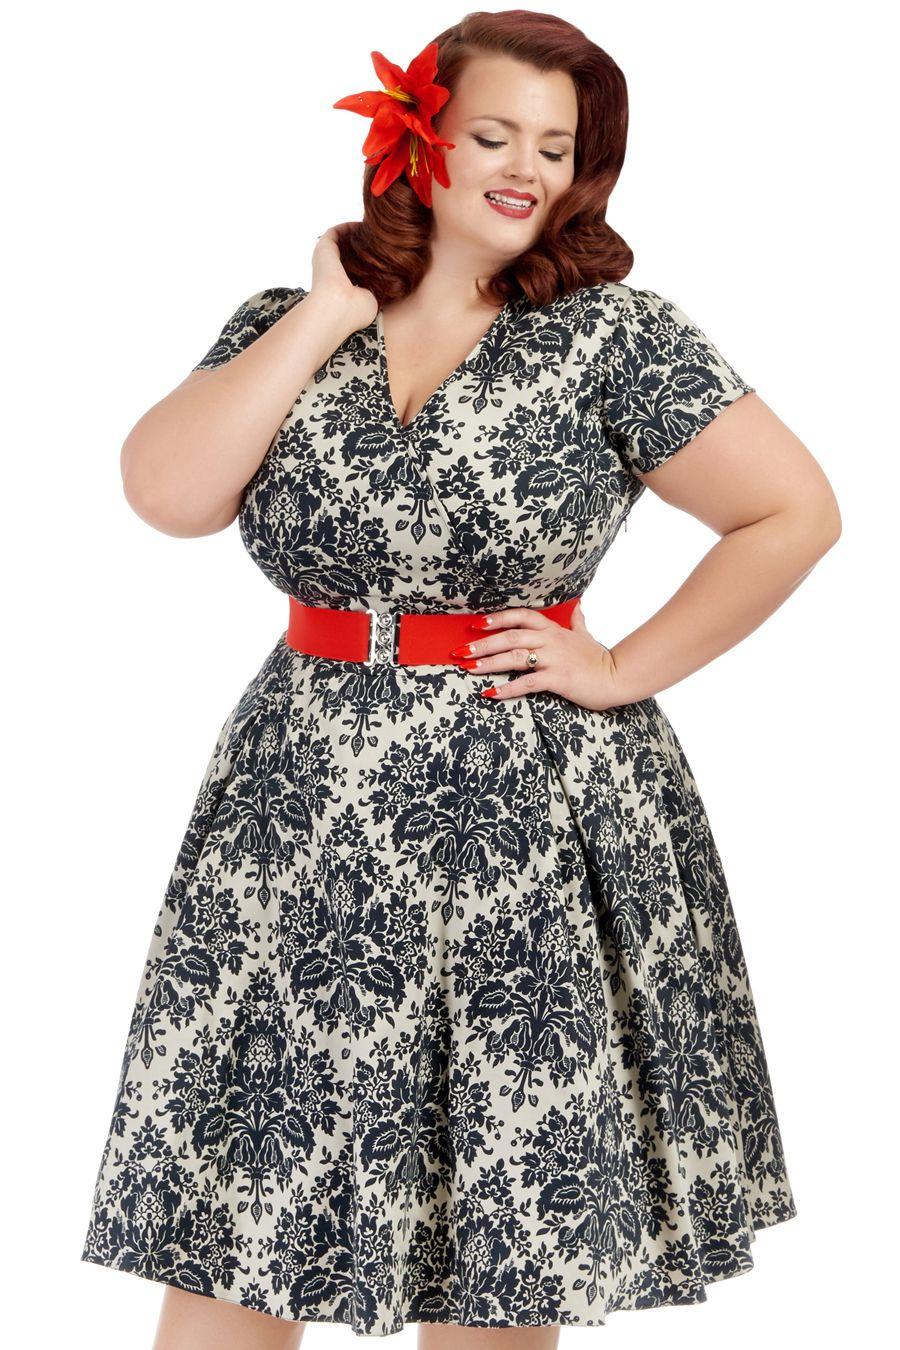 27c75c3fc04a Retro šaty Lady V London Estella Damask Retro šaty ve stylu 50. let pro  plnoštíhlé dámy. Jedinečné šaty